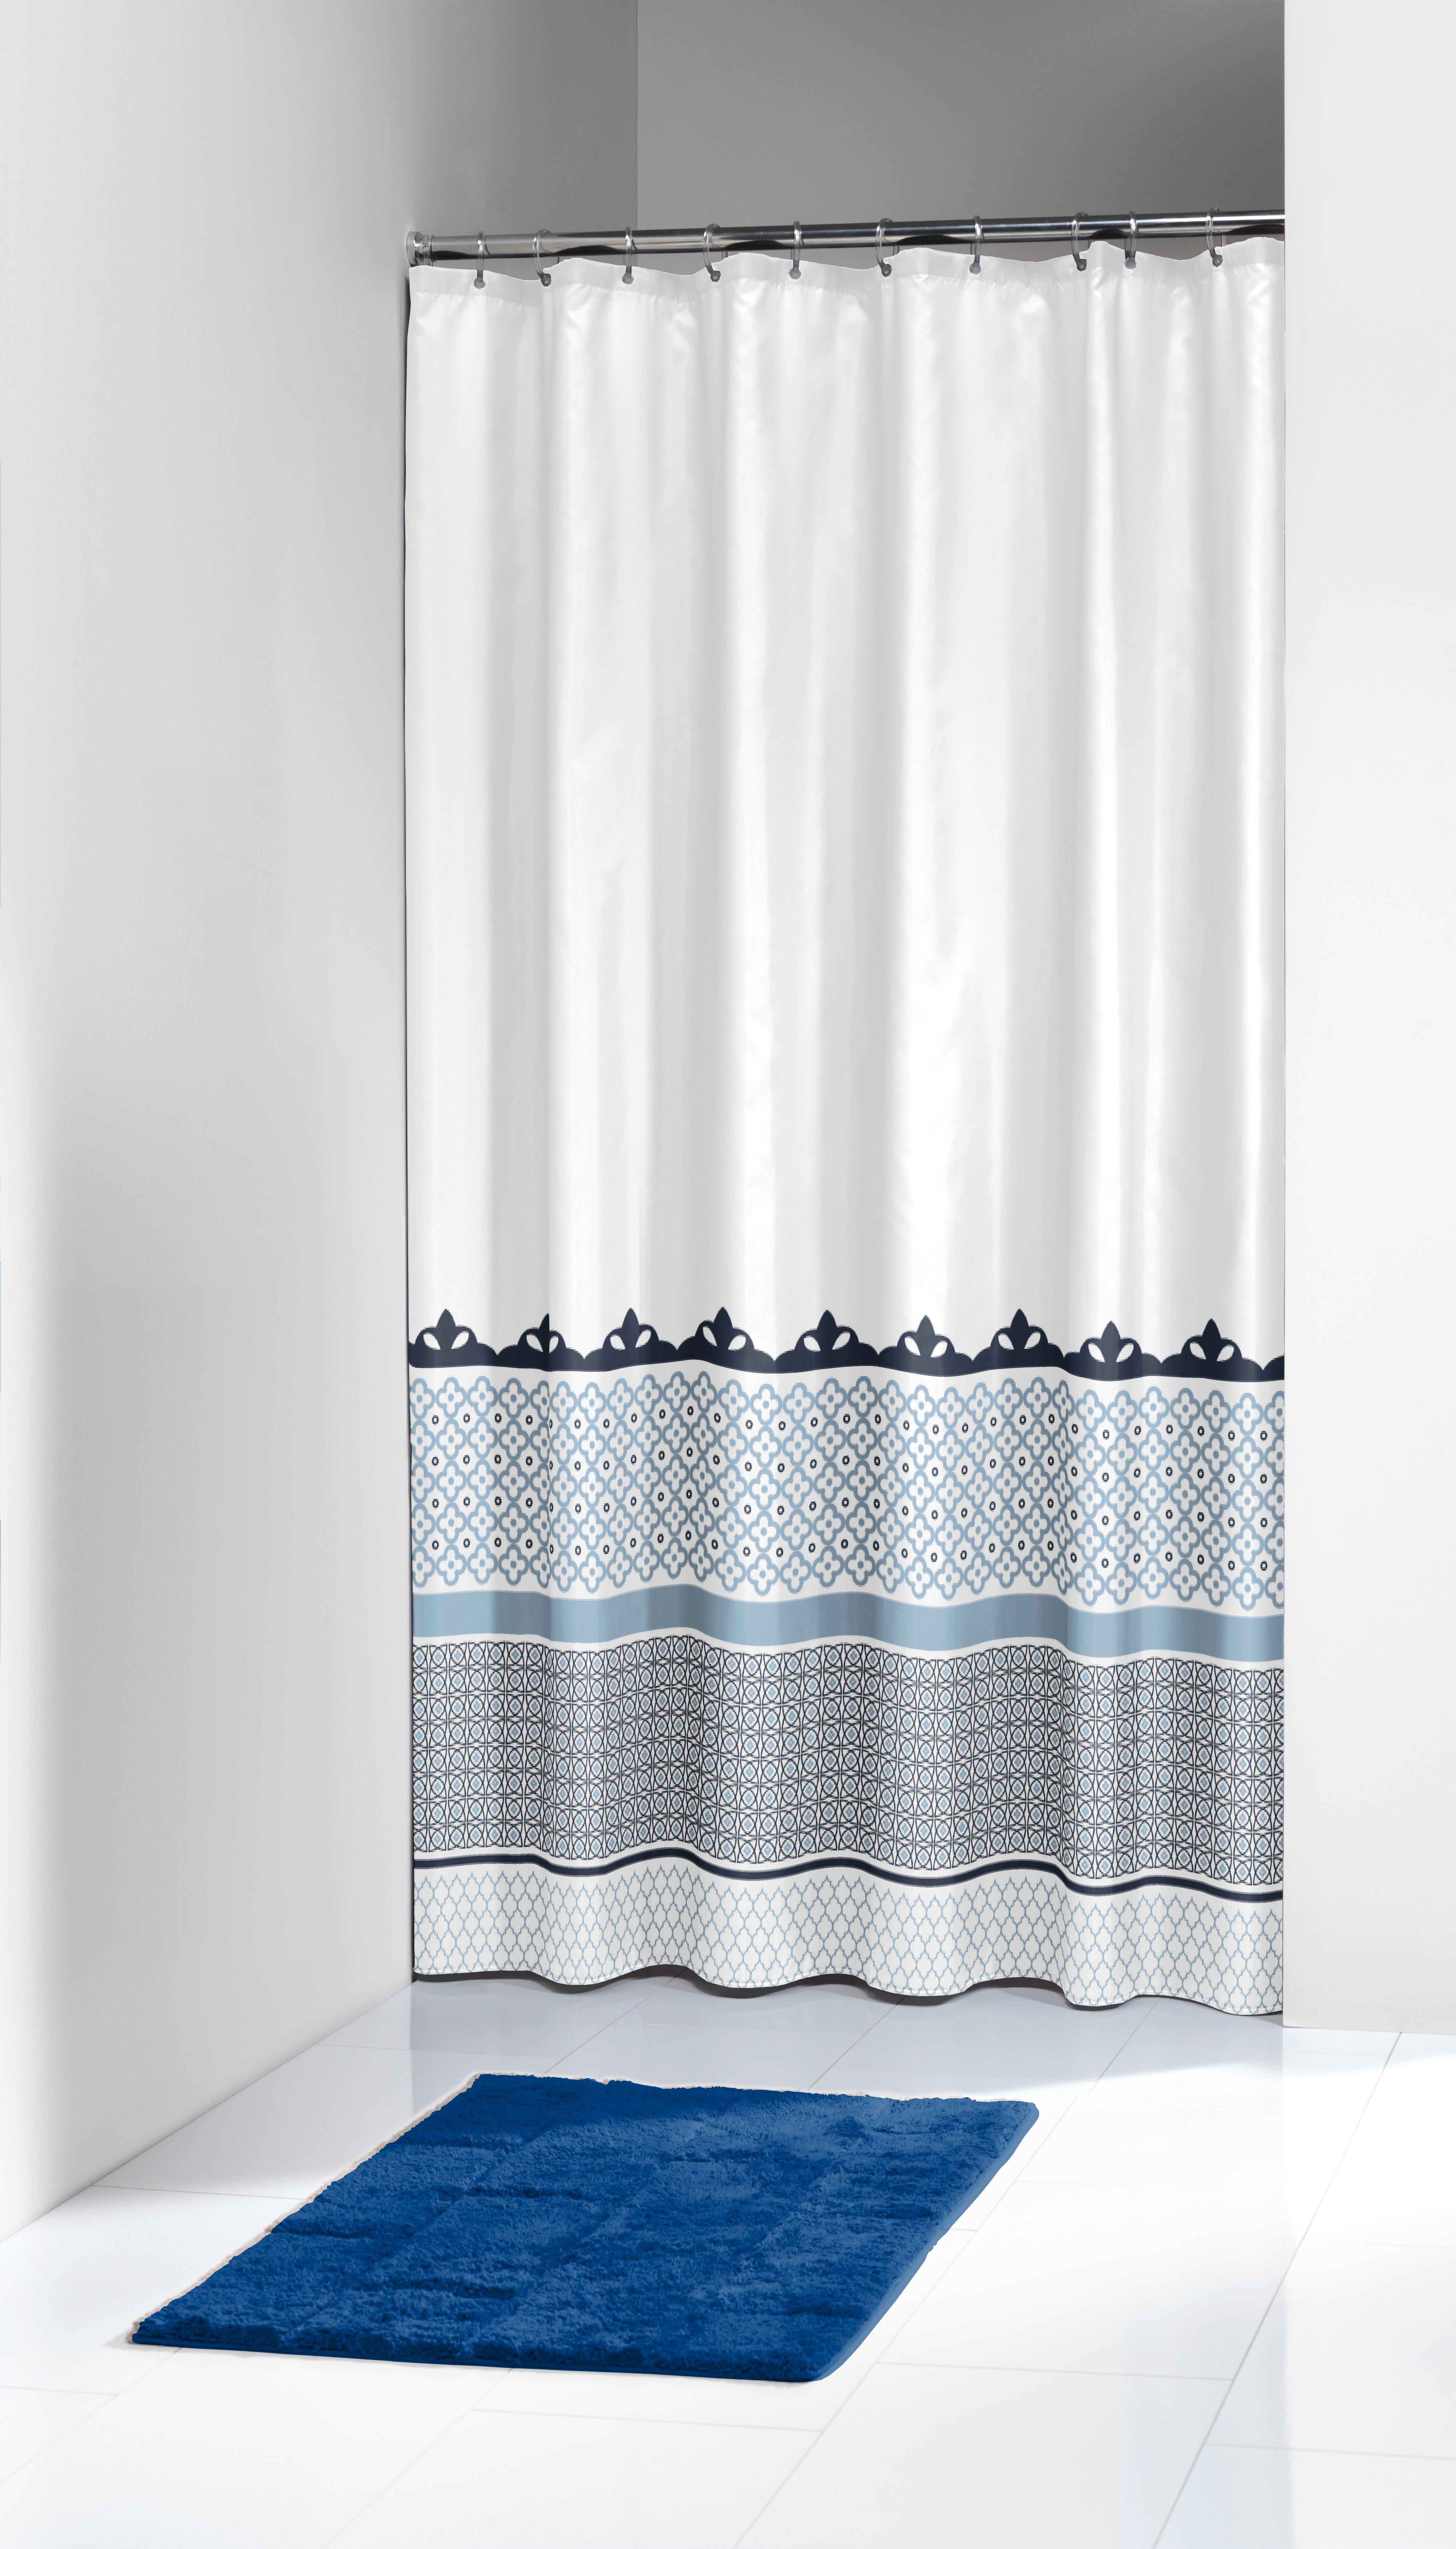 Κουρτίνα Υφασμάτινη «Marrakech blue» 180×200εκ. Sealskin 235281324 – sealskin – 235281324